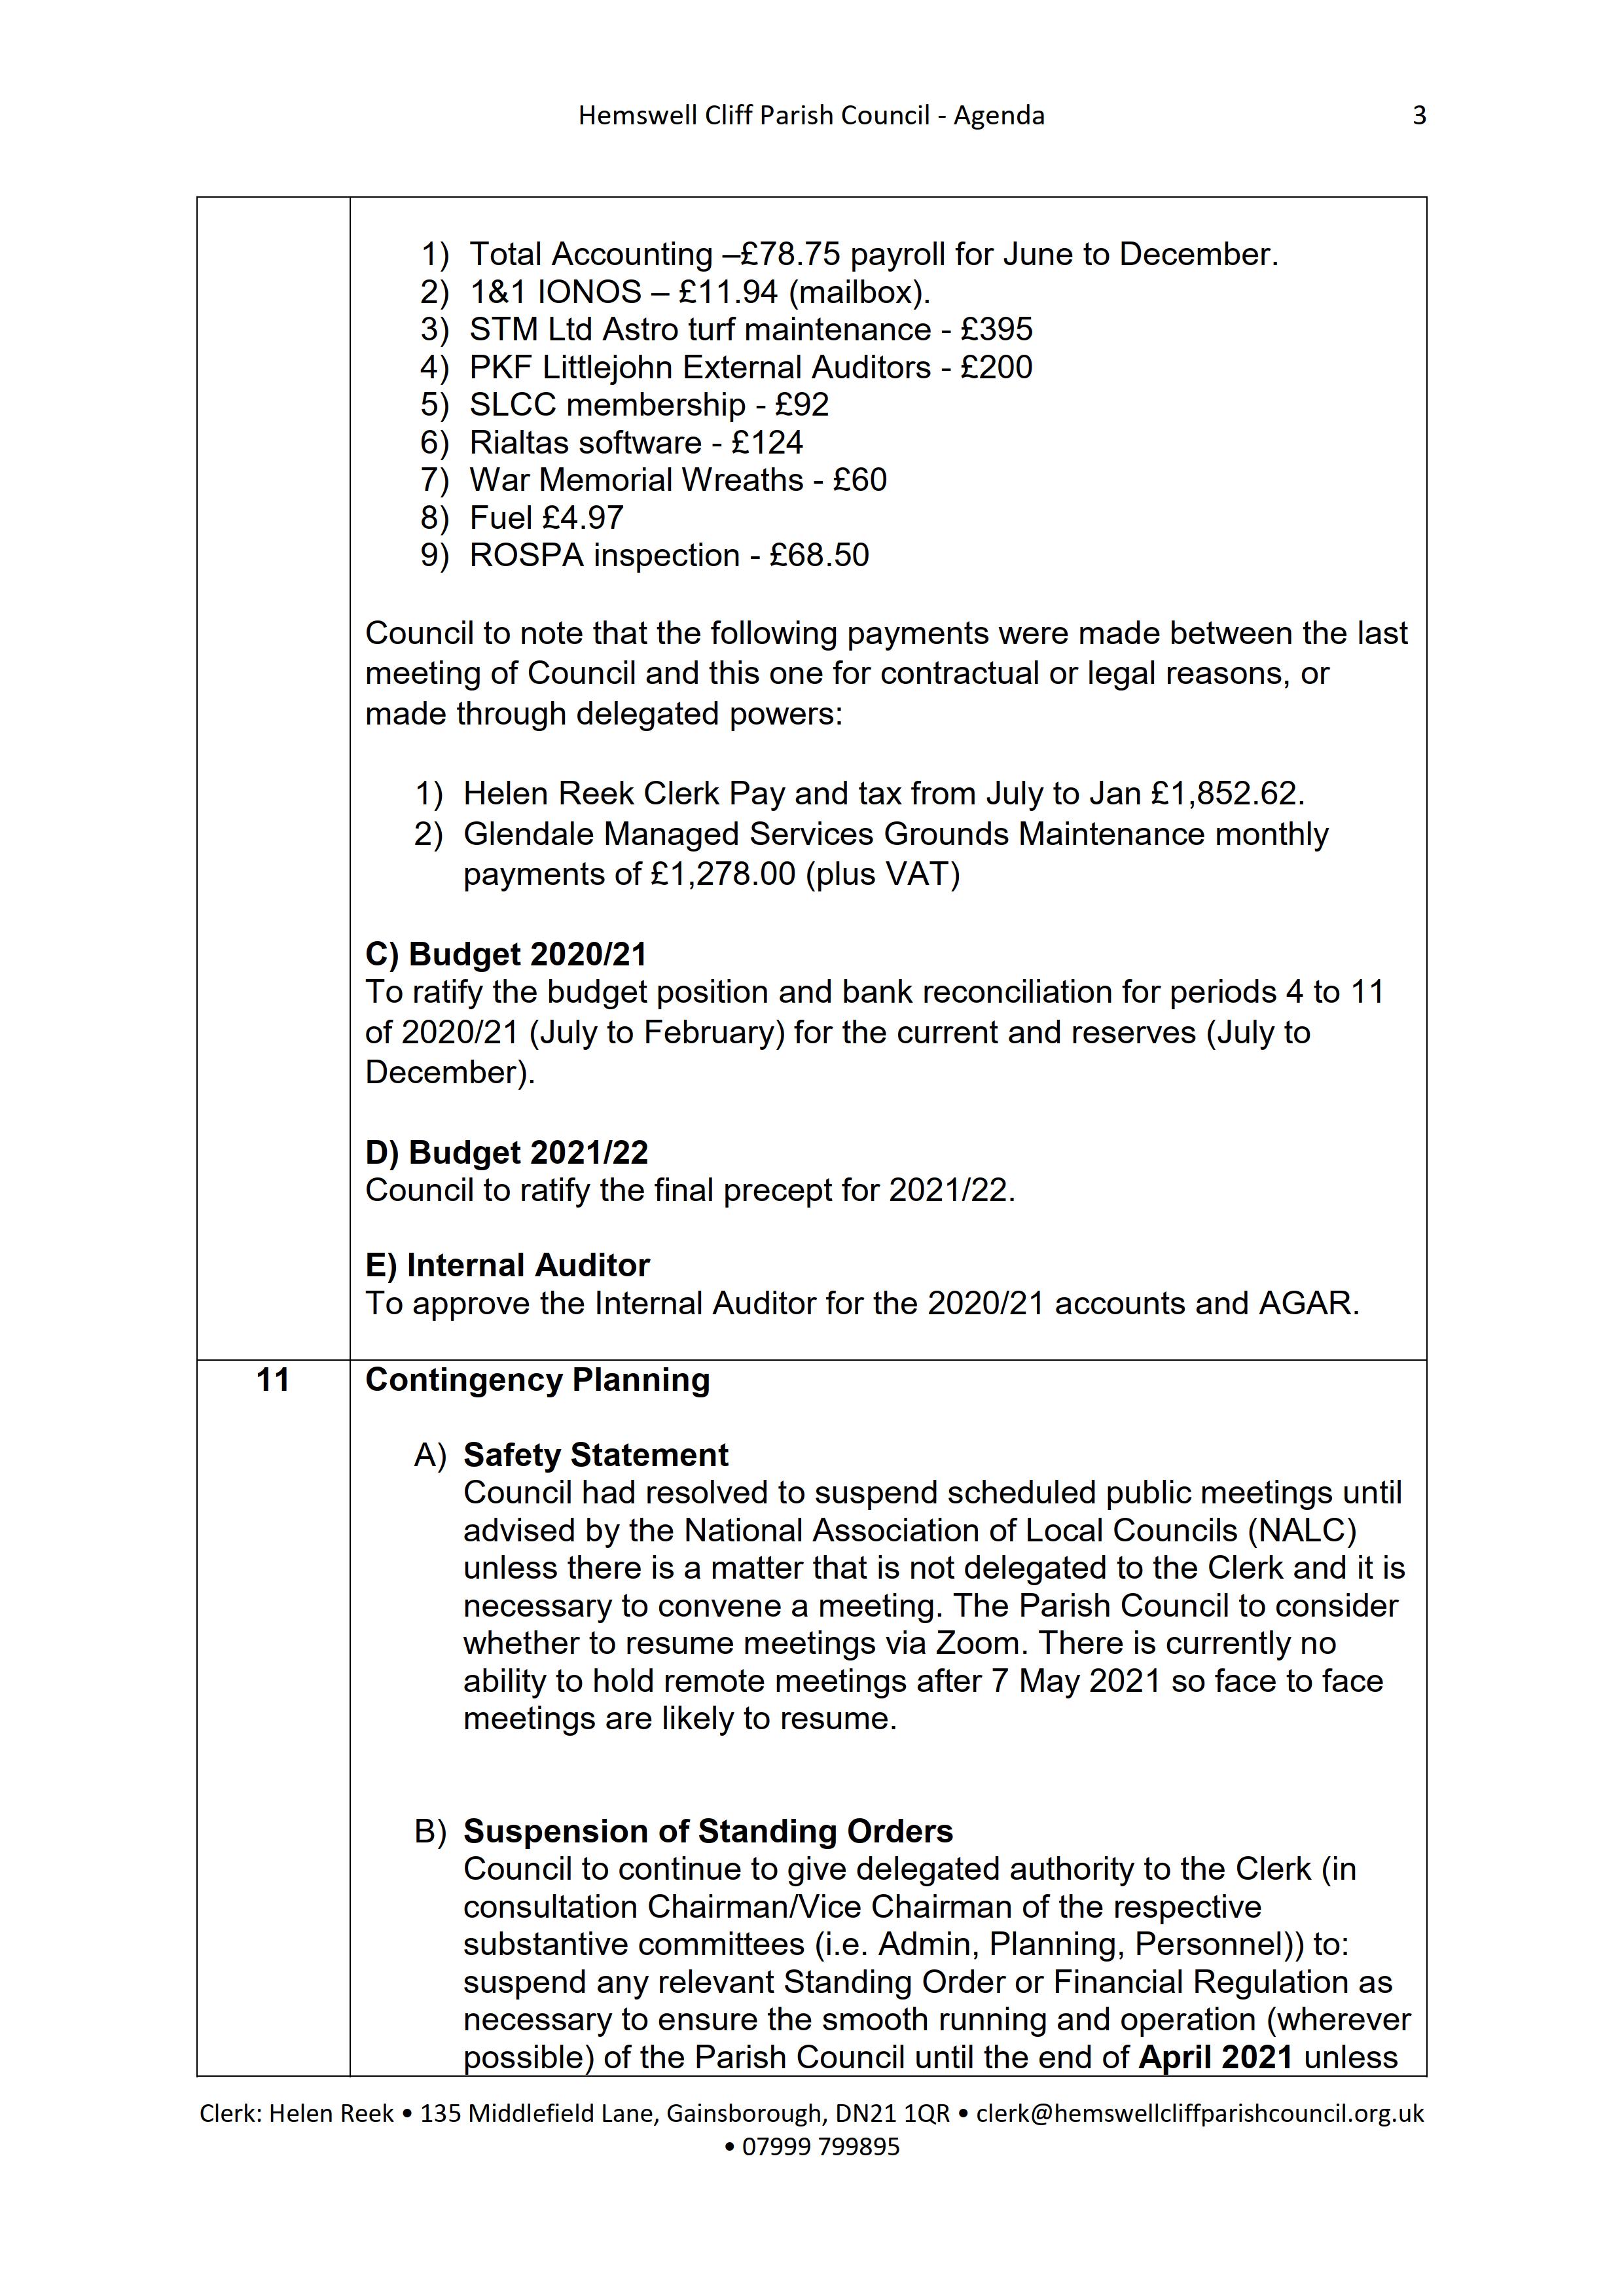 HCPC_Agenda_15.03.21_3.png